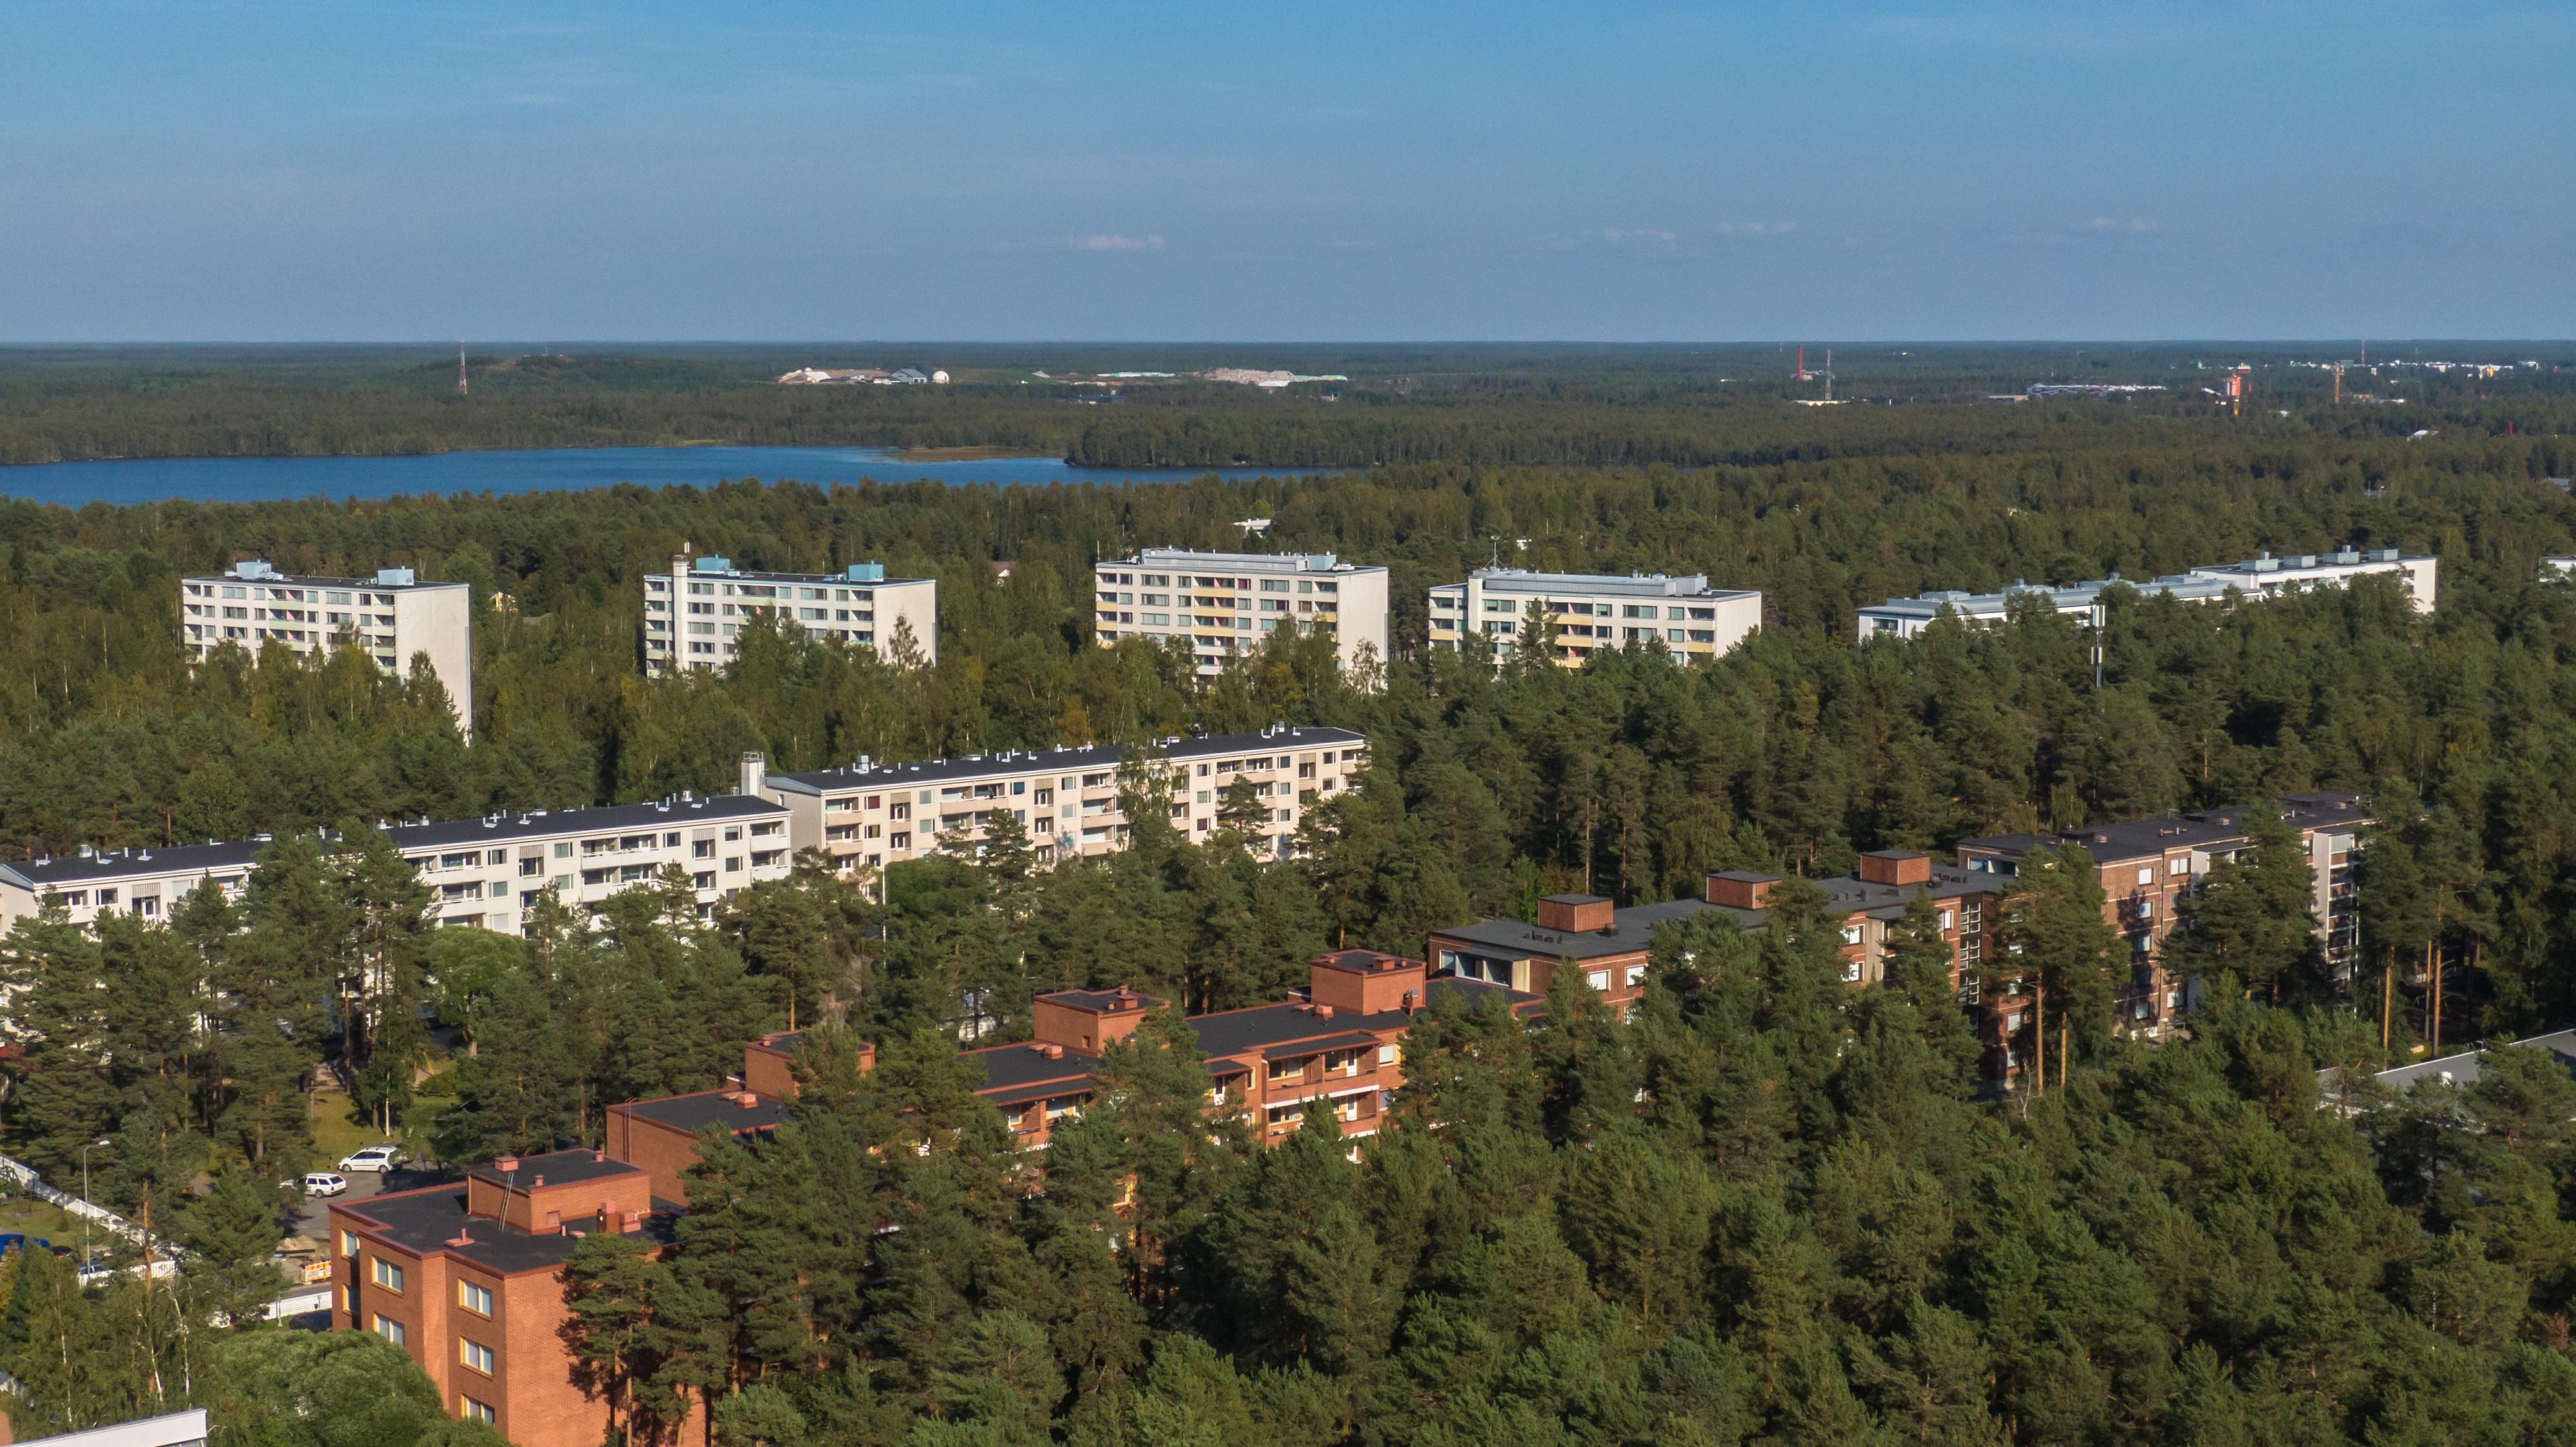 Metsäistä maisemaa Puolivälinkankaalta Oulusta. Valkoisia ja punaisia kerrostaloja puiden ympäröimänä.